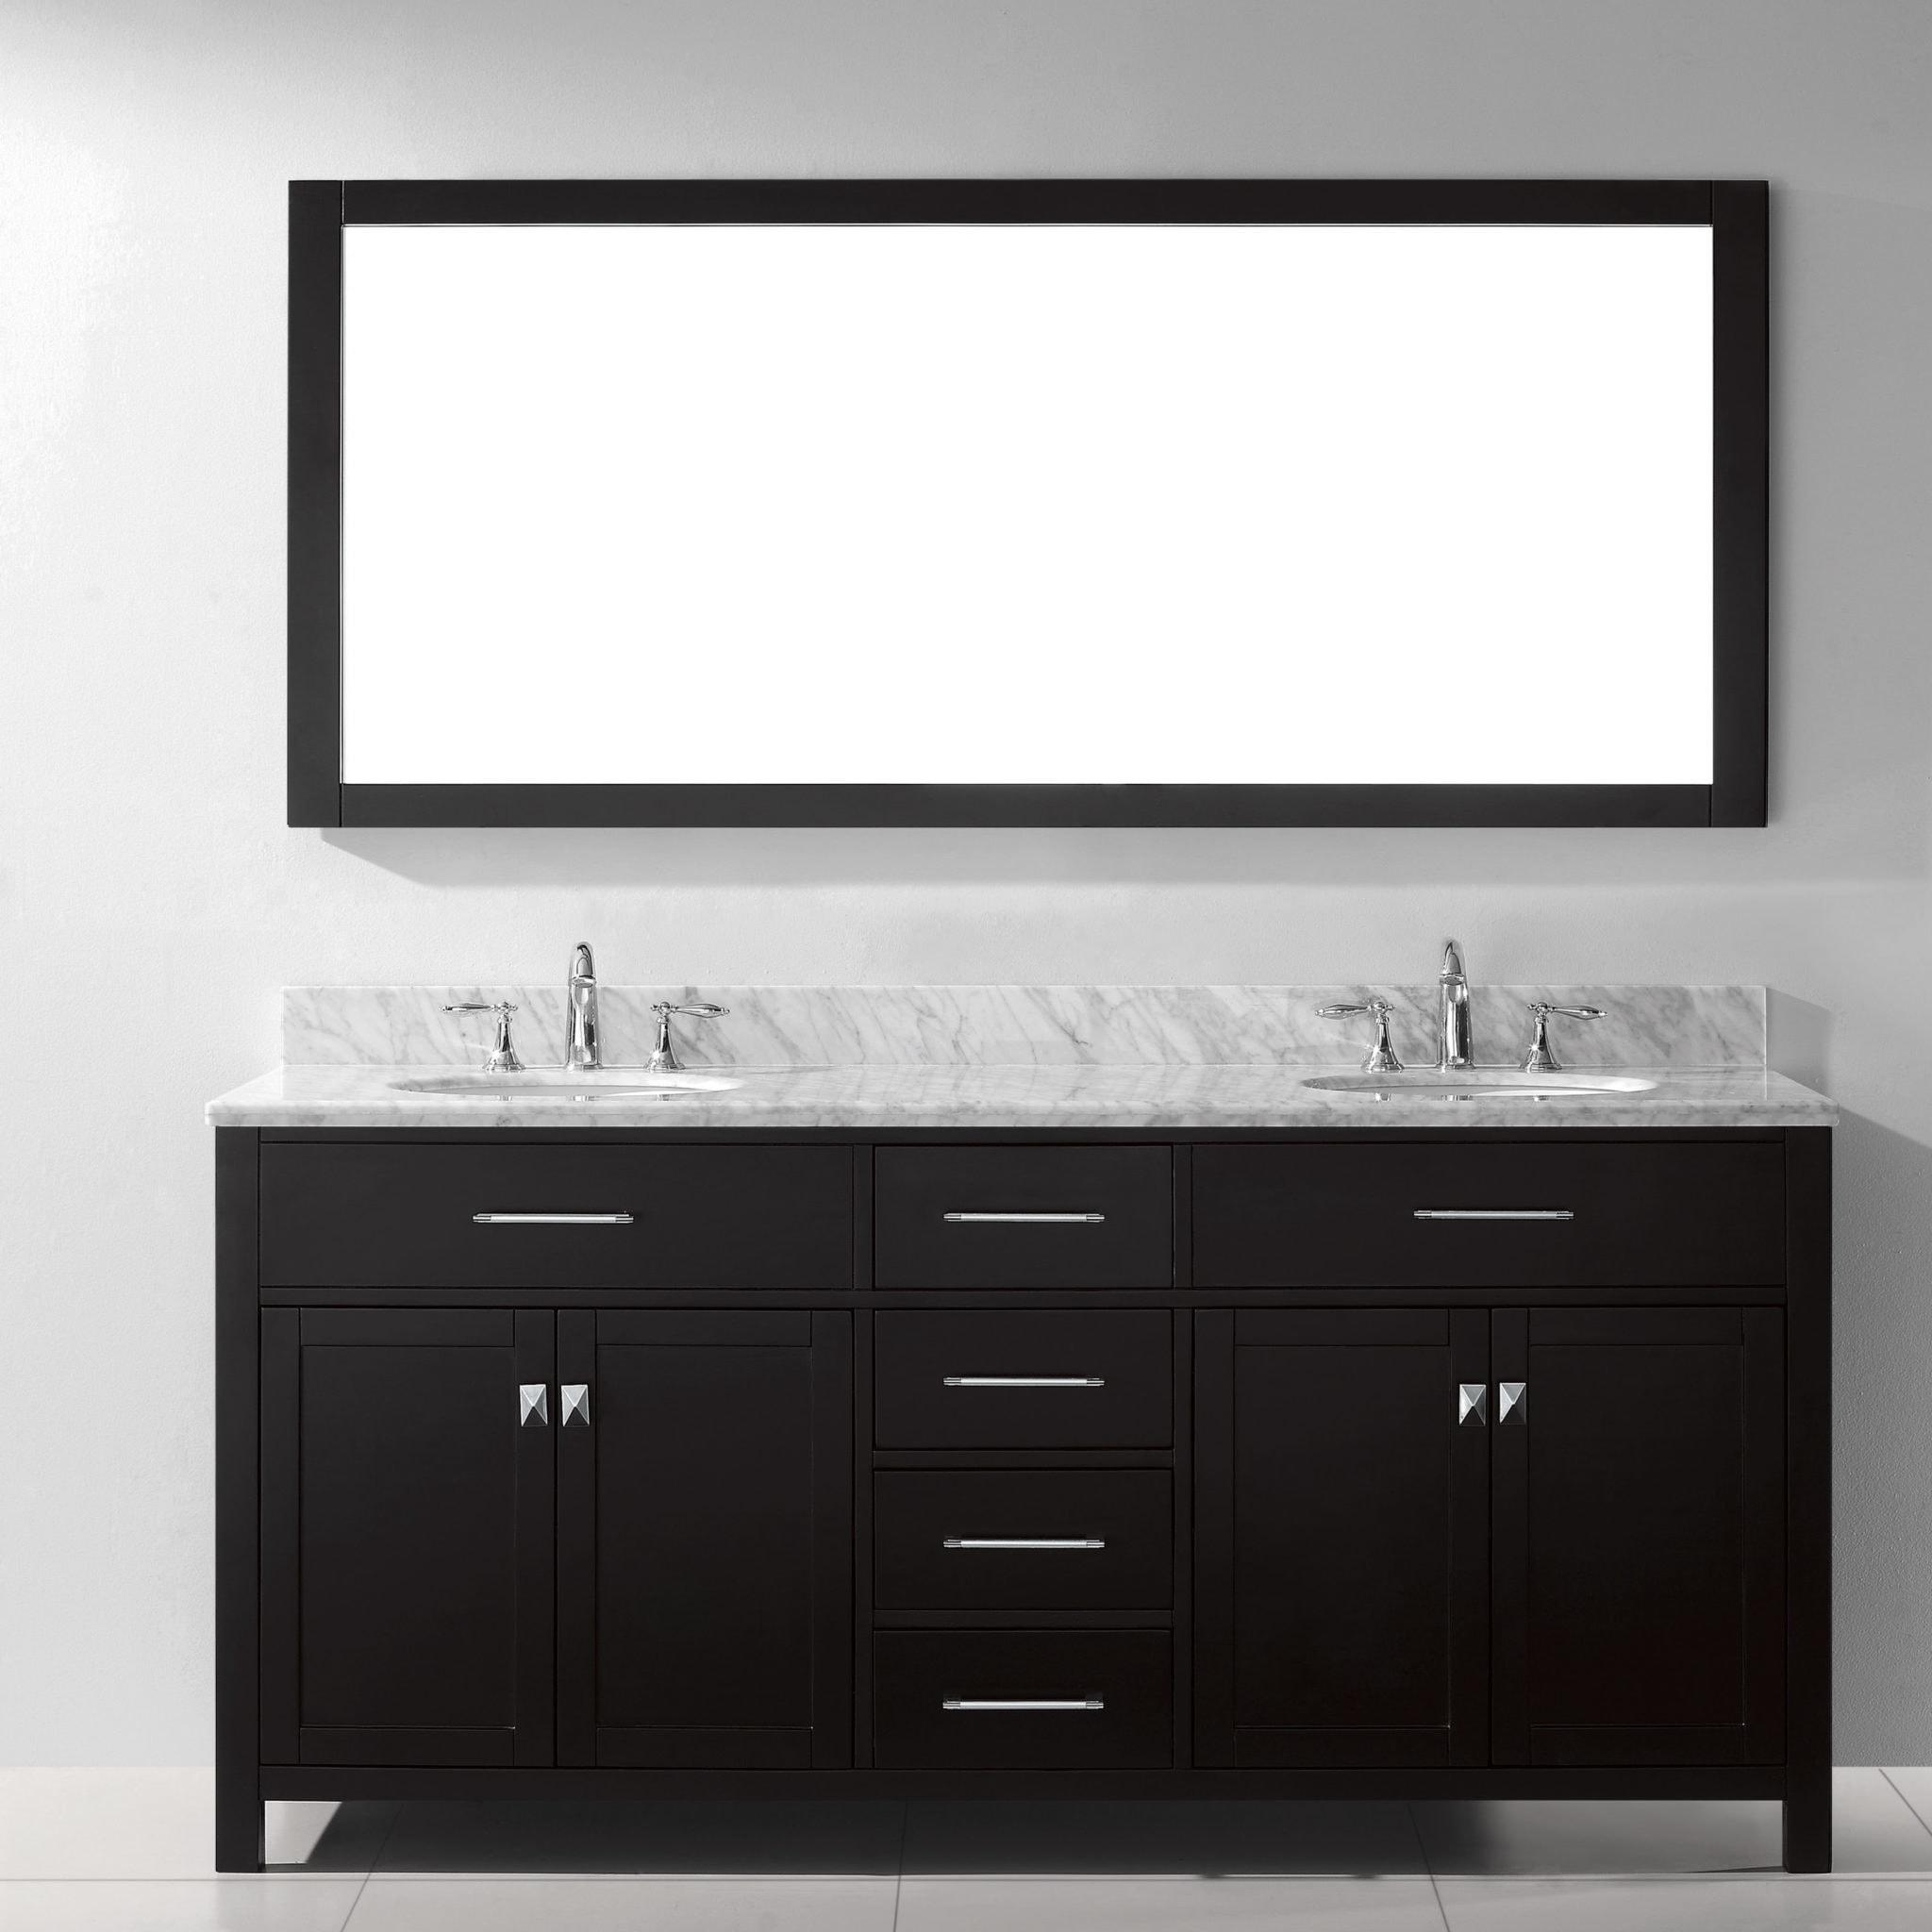 Bathroom Vanities dual marble sink wooden cabinet and drawers